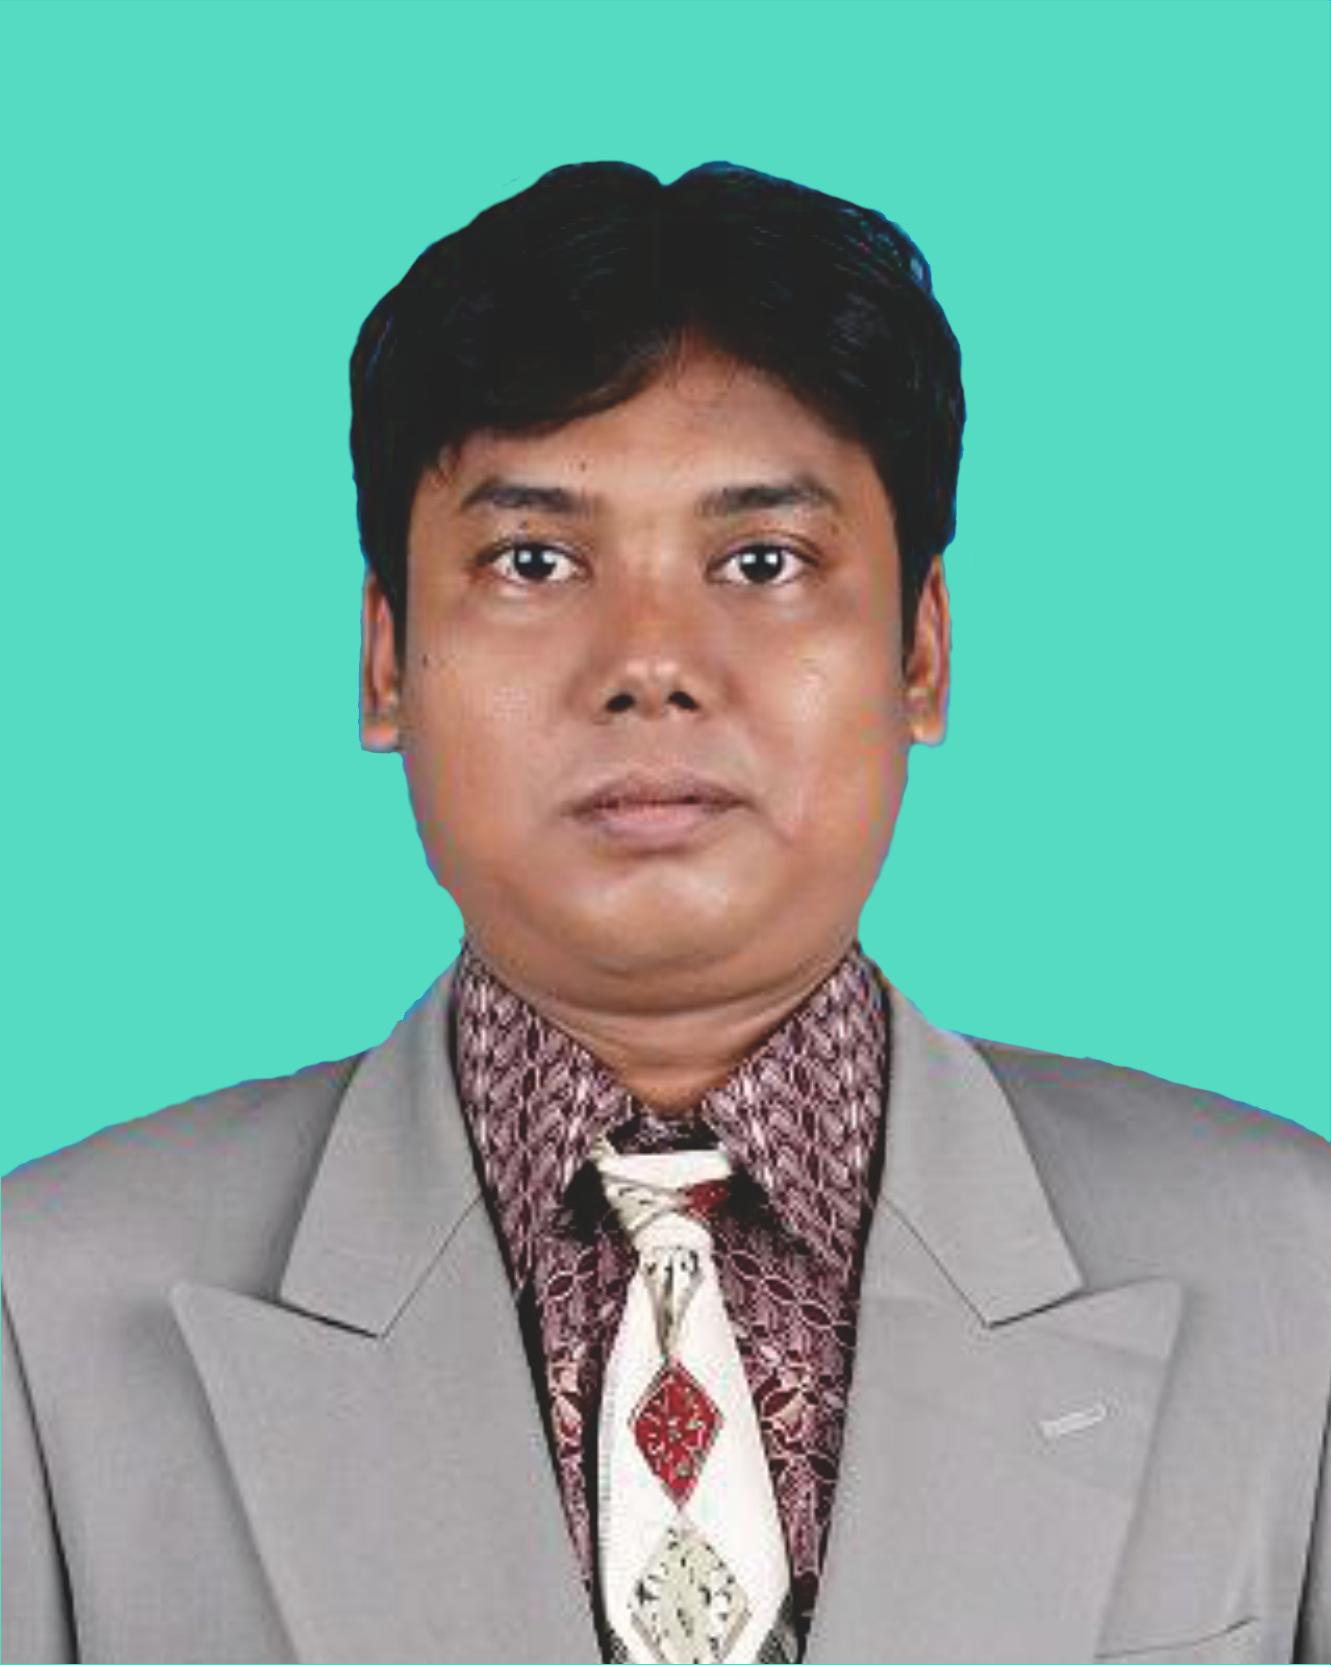 Nuh Haryadi